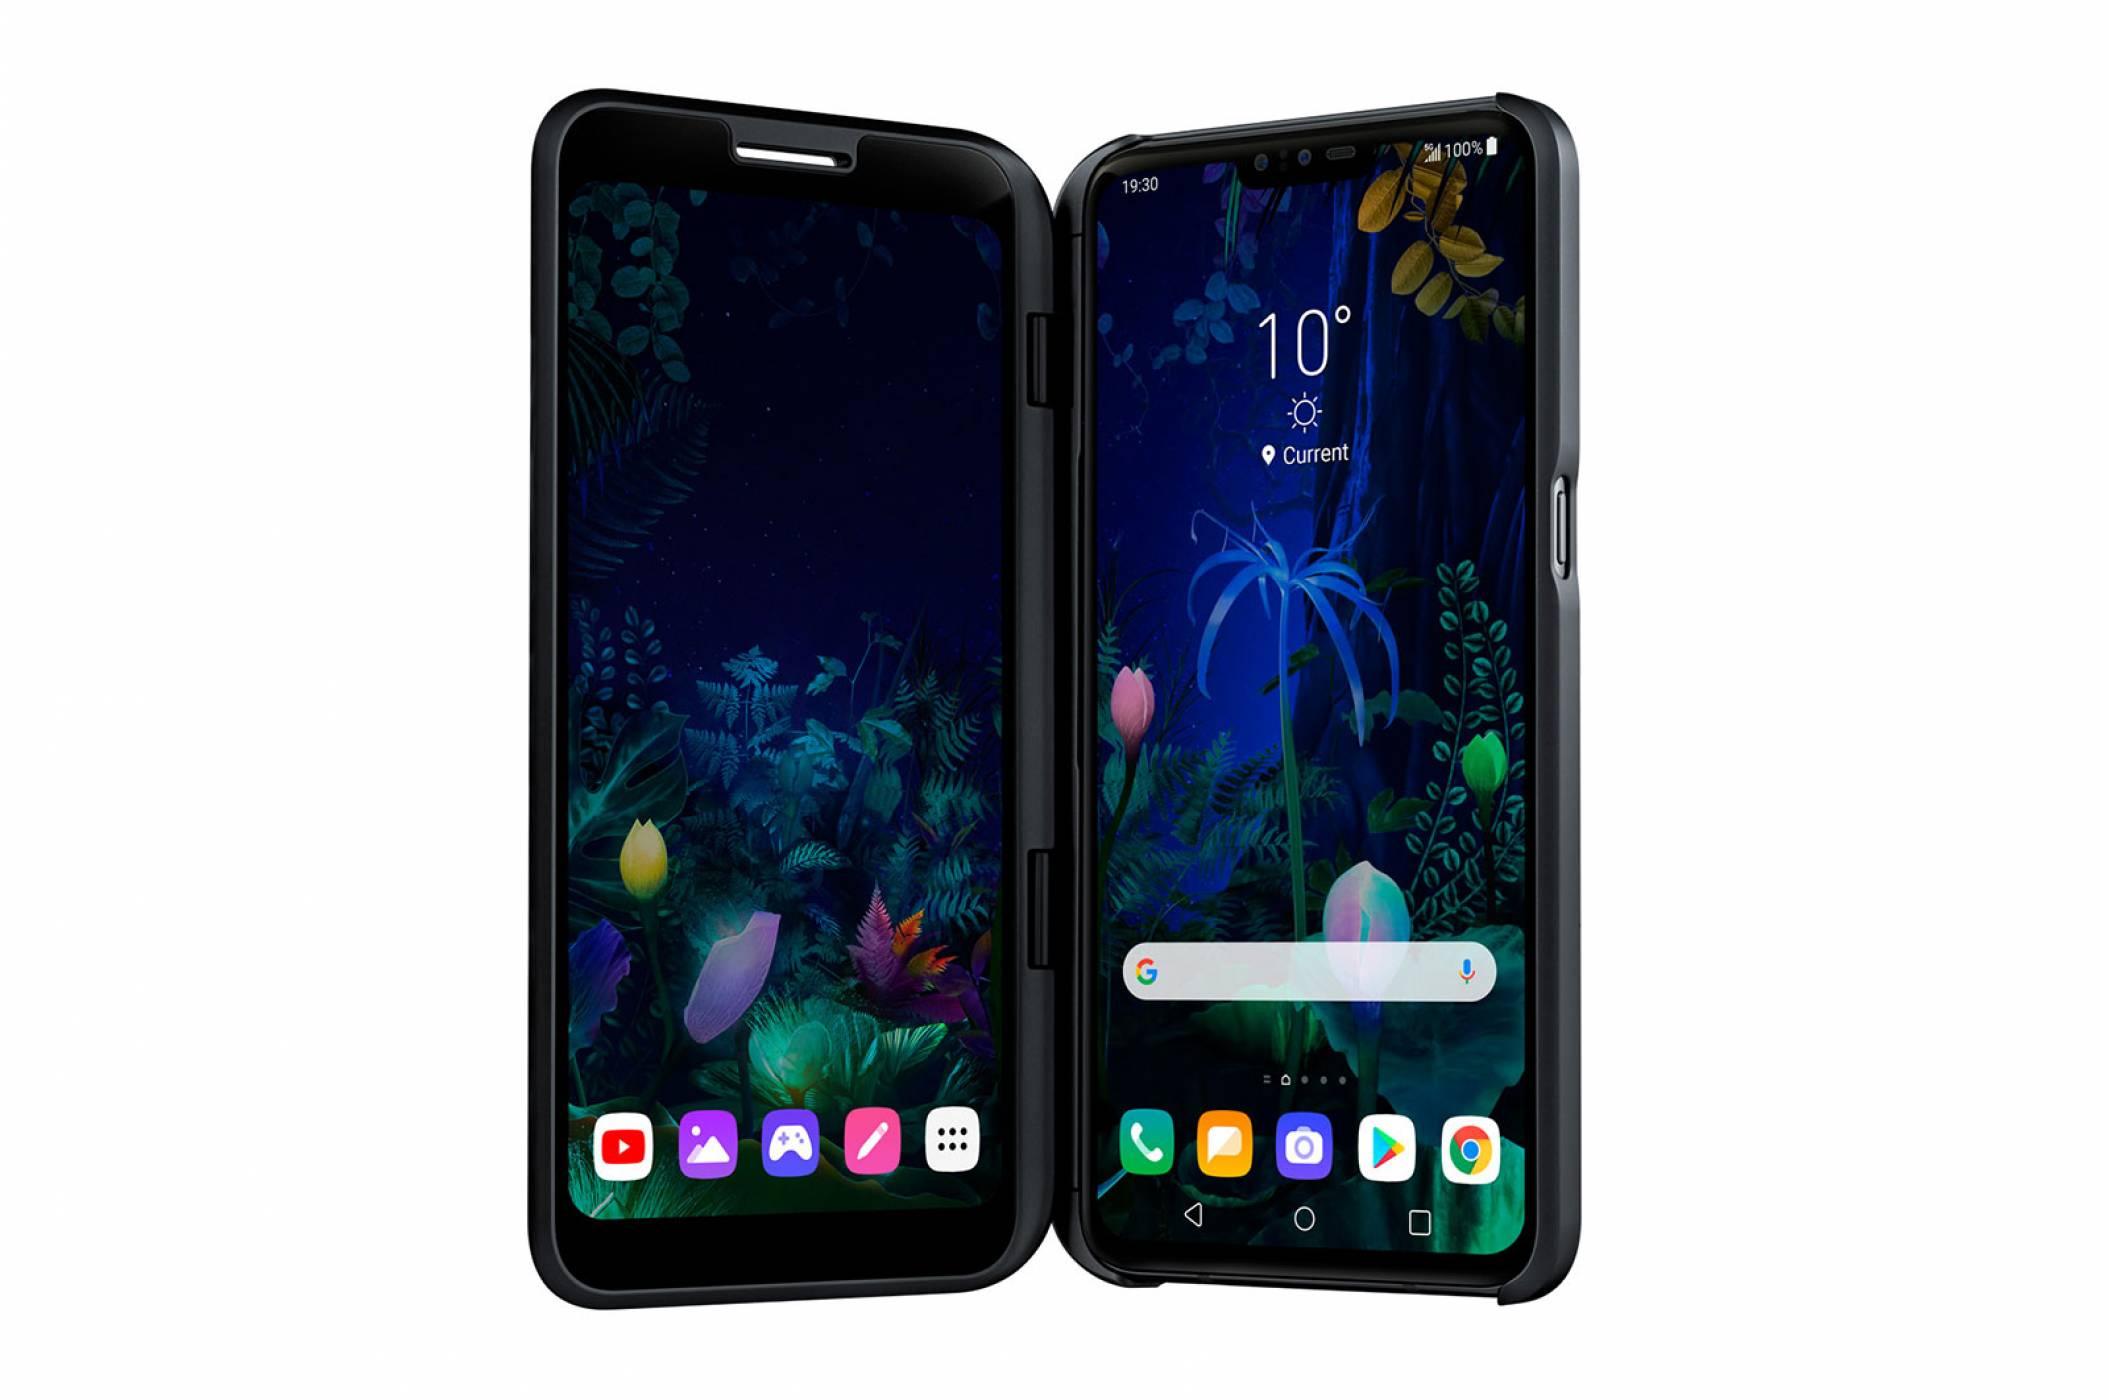 LG даде голям жокер какъв телефон да очакваме съвсем скоро (ВИДЕО)